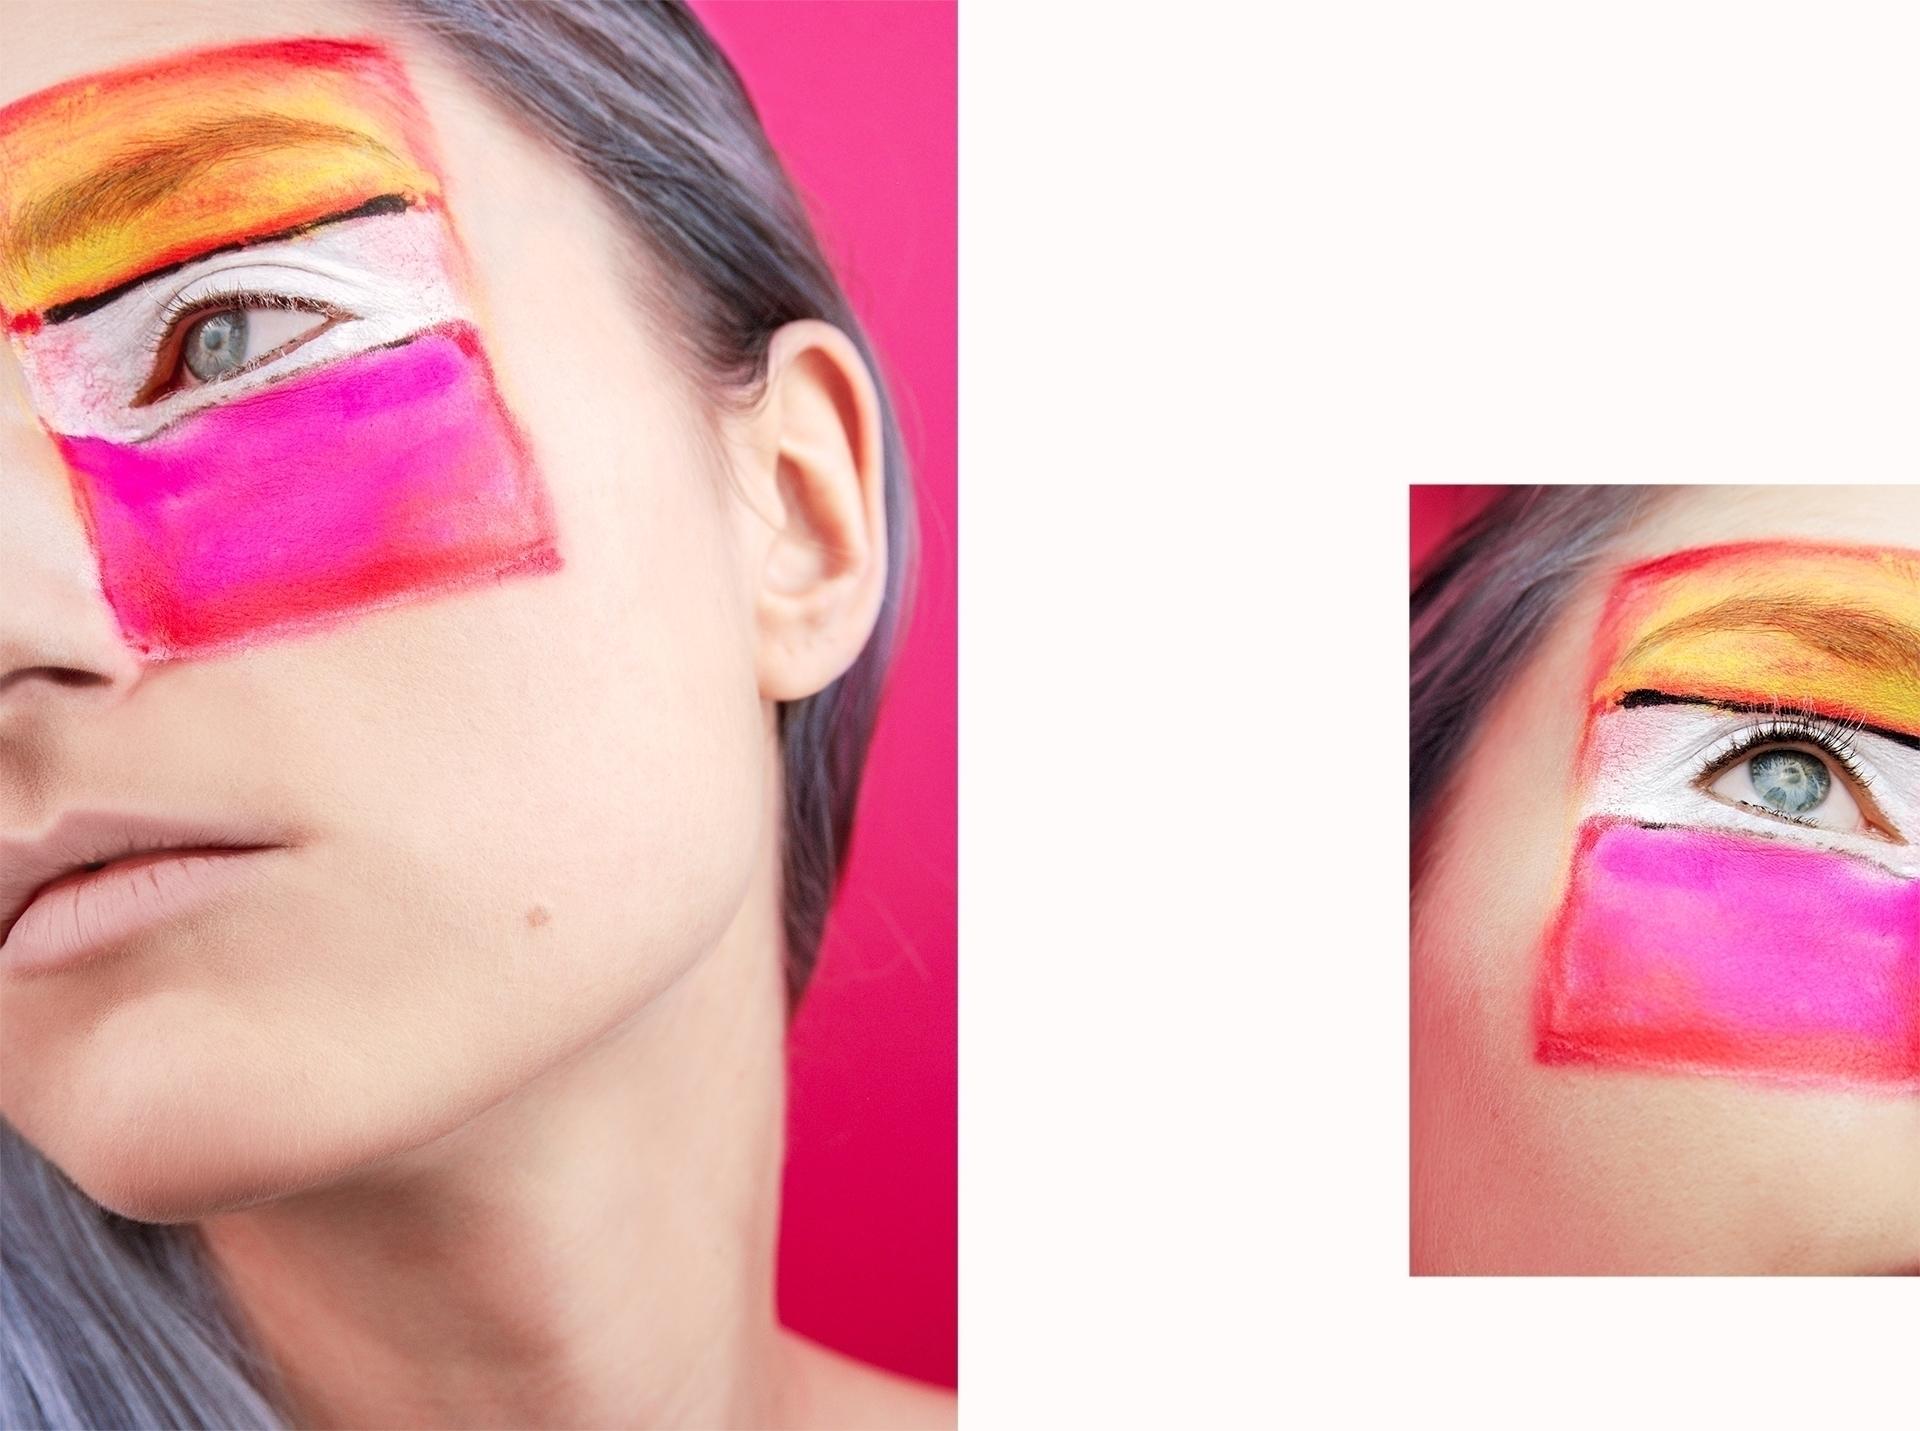 Make-up inspirowany obrazem. 'Biały środek (żółty, różowy, lawendowy)' by Mark_Rothko